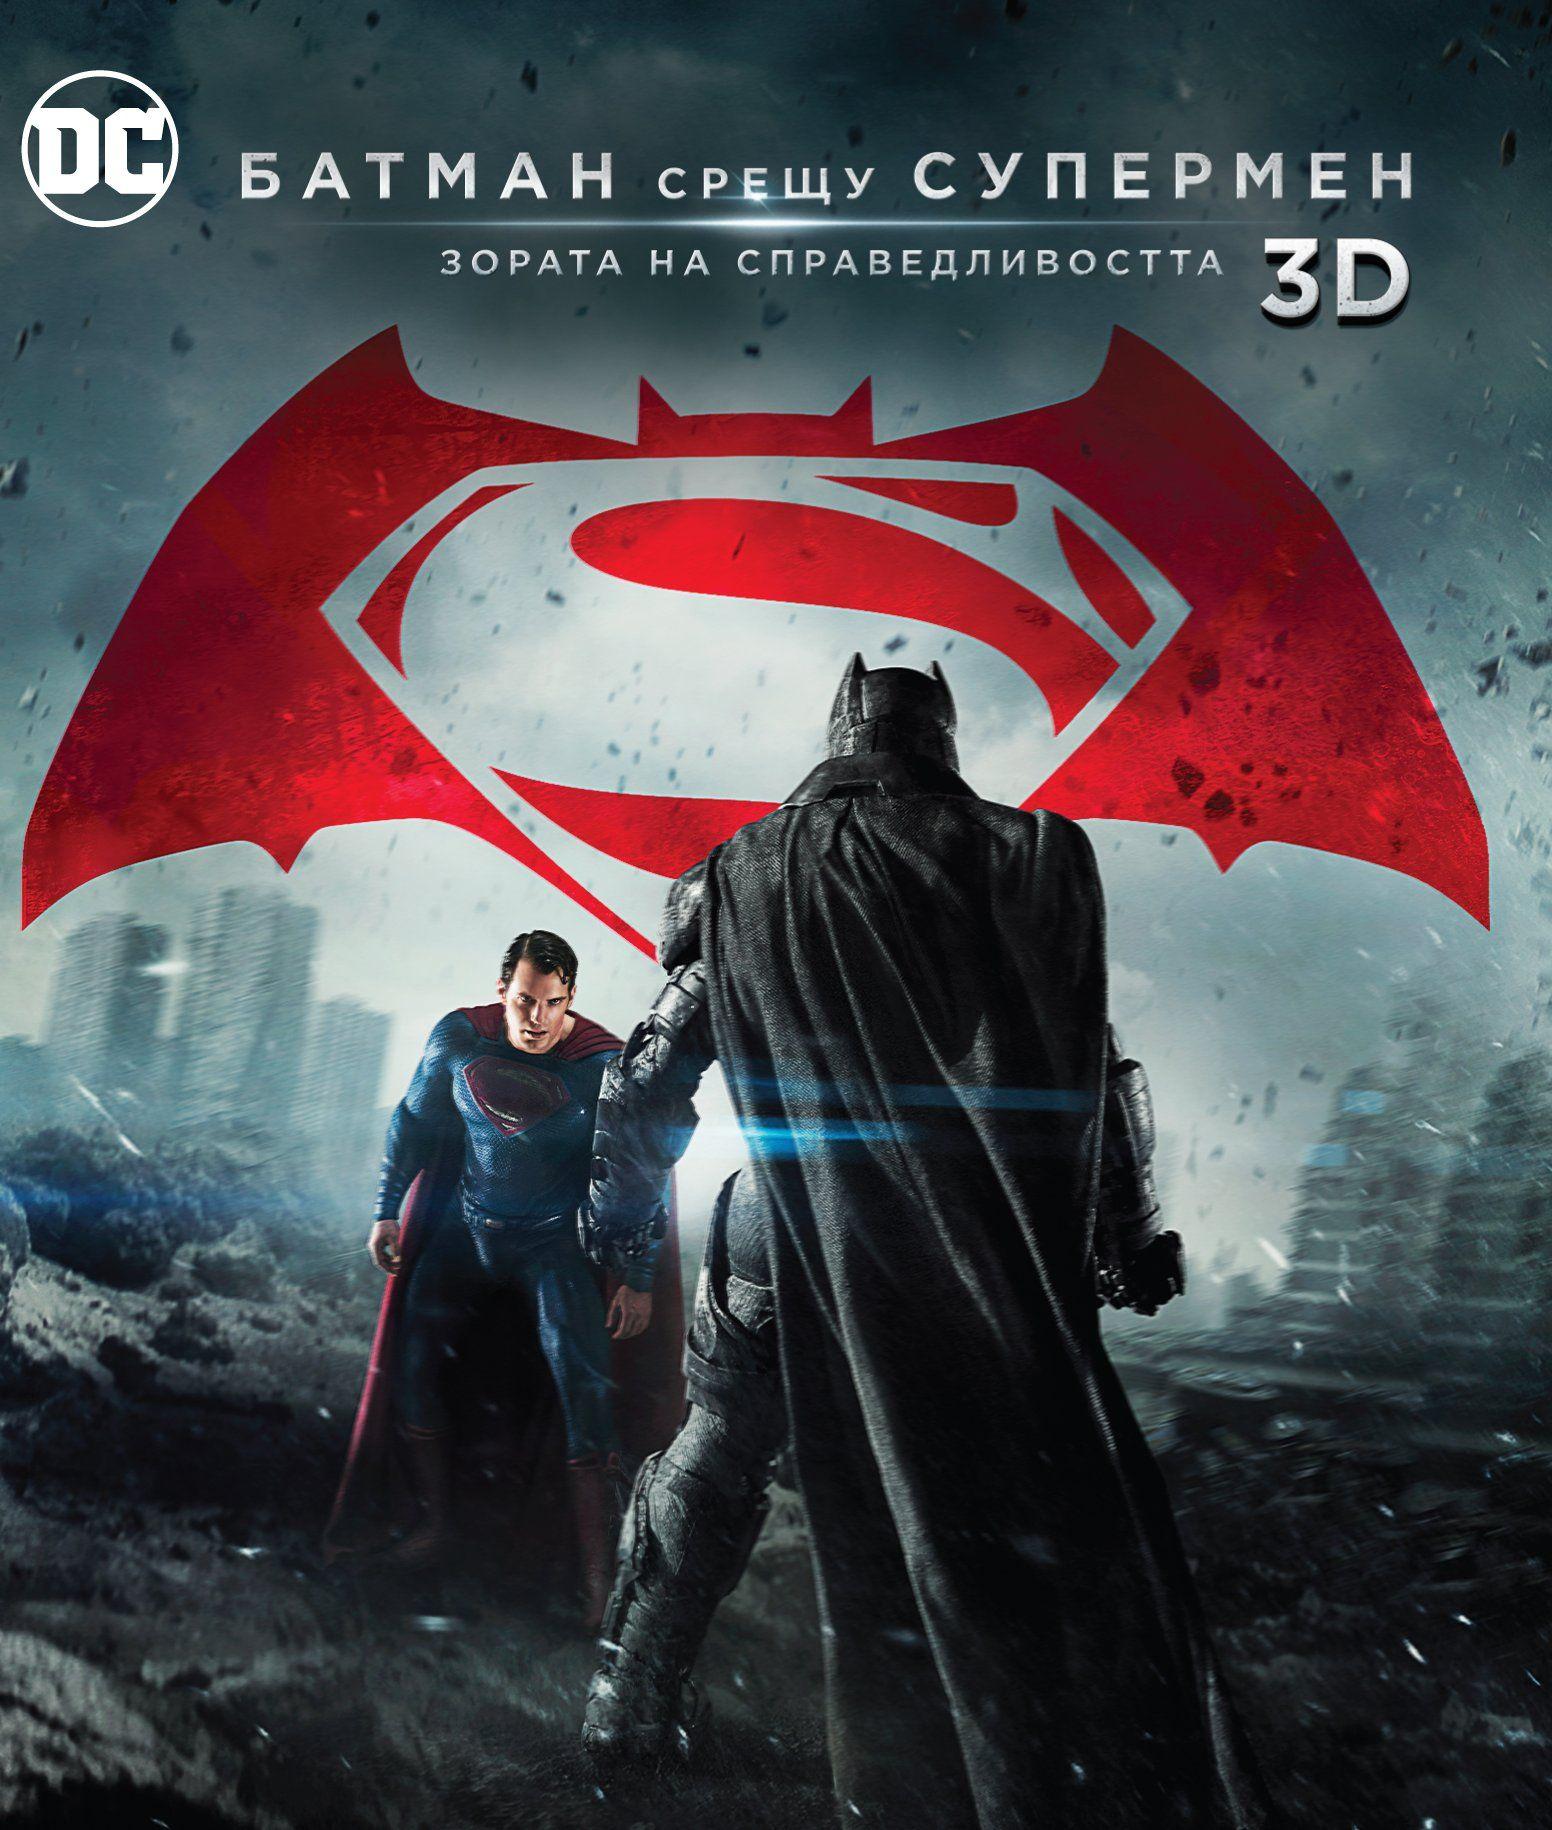 Батман срещу Супермен: Зората на справедливостта - Kино версия 3D+2D (Blu-Ray) - 1